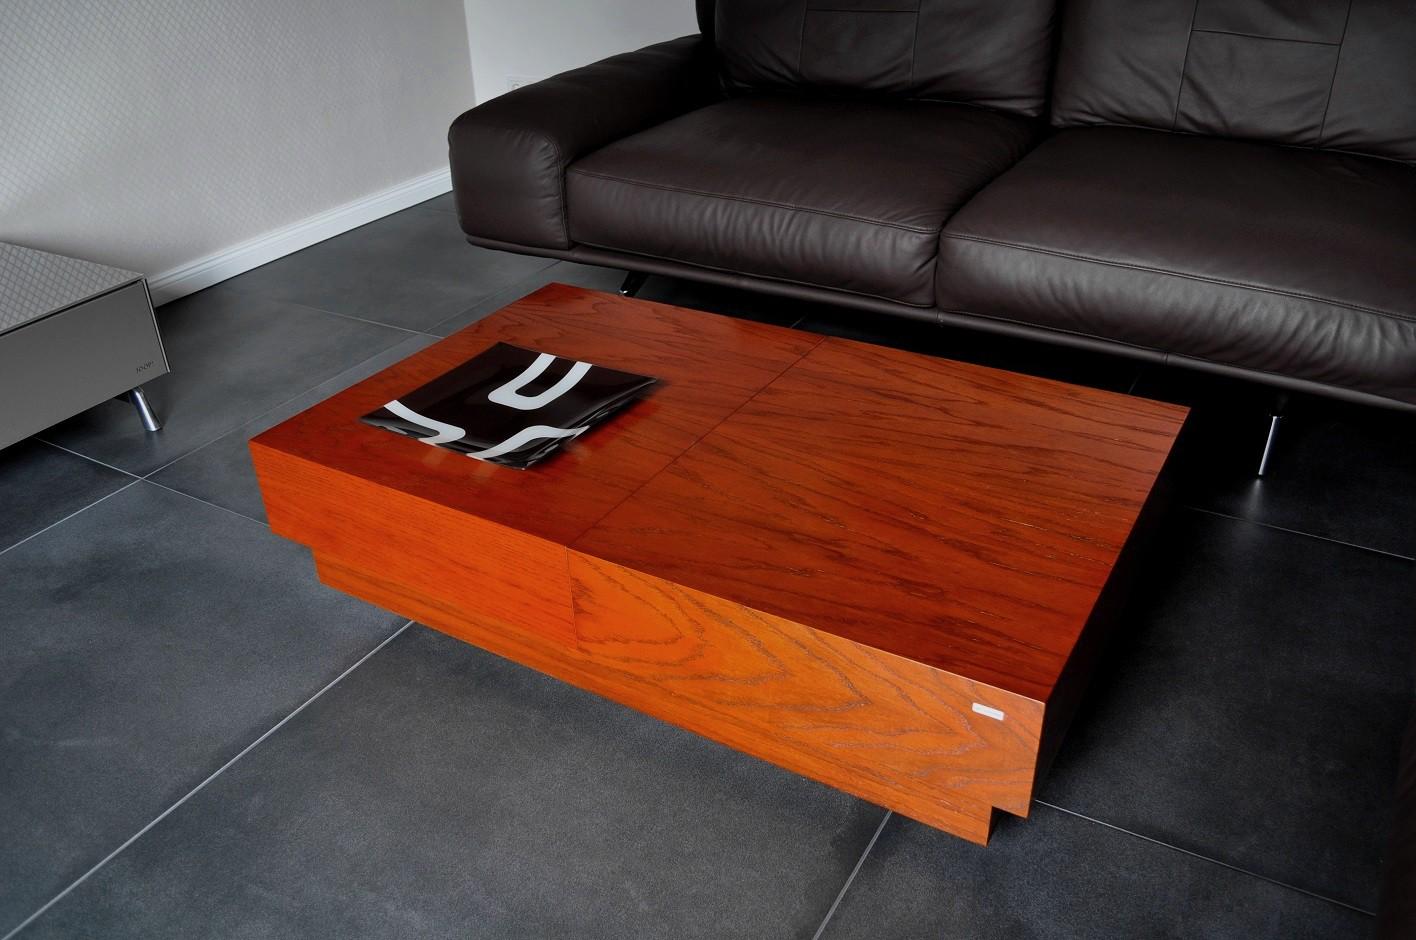 Design couchtisch s 70 kirschbaum schublade stauraum carl for Design couchtisch s 360